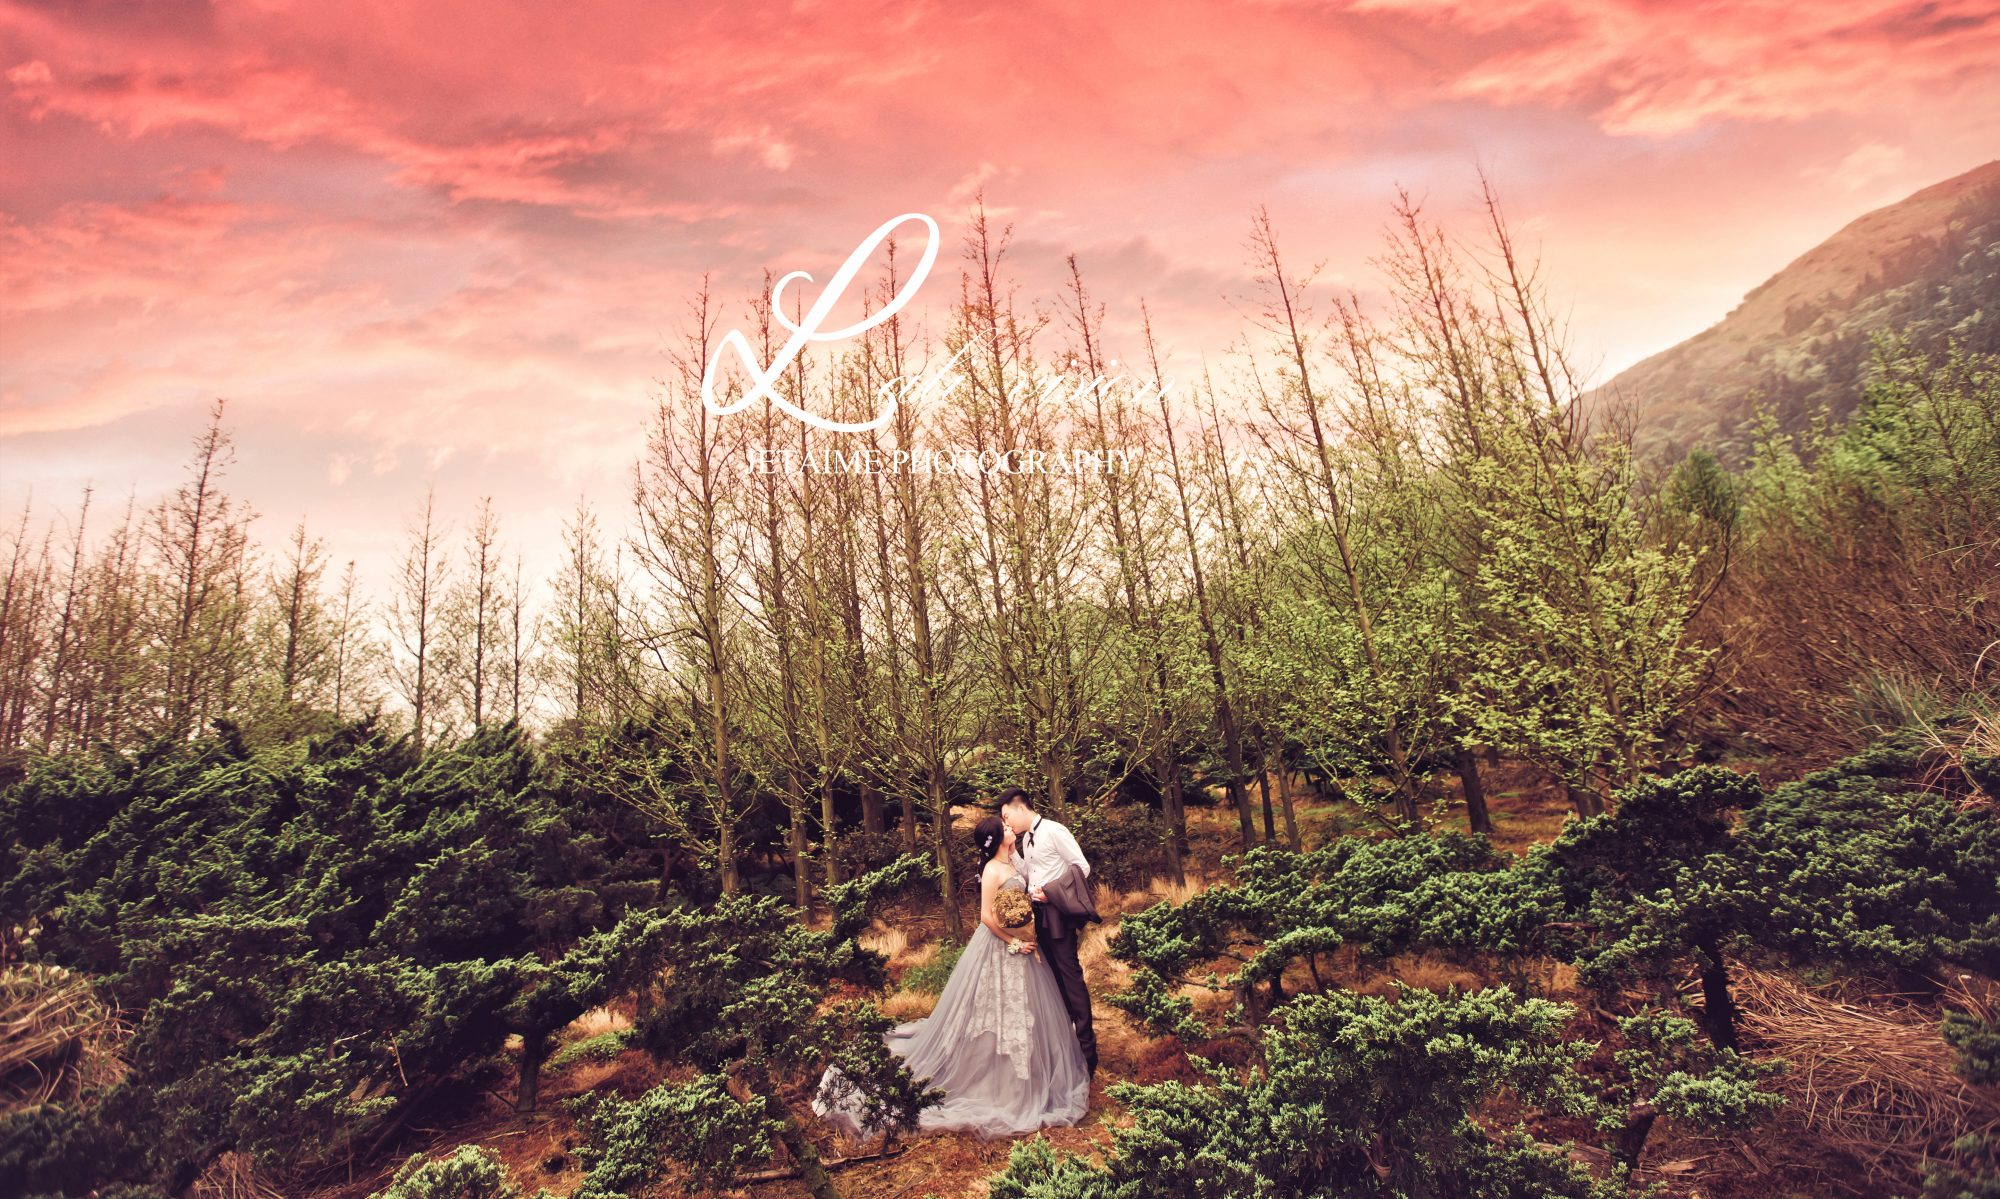 婚攝Jetaime/婚禮攝影/自助婚紗/台湾婚纱摄影师